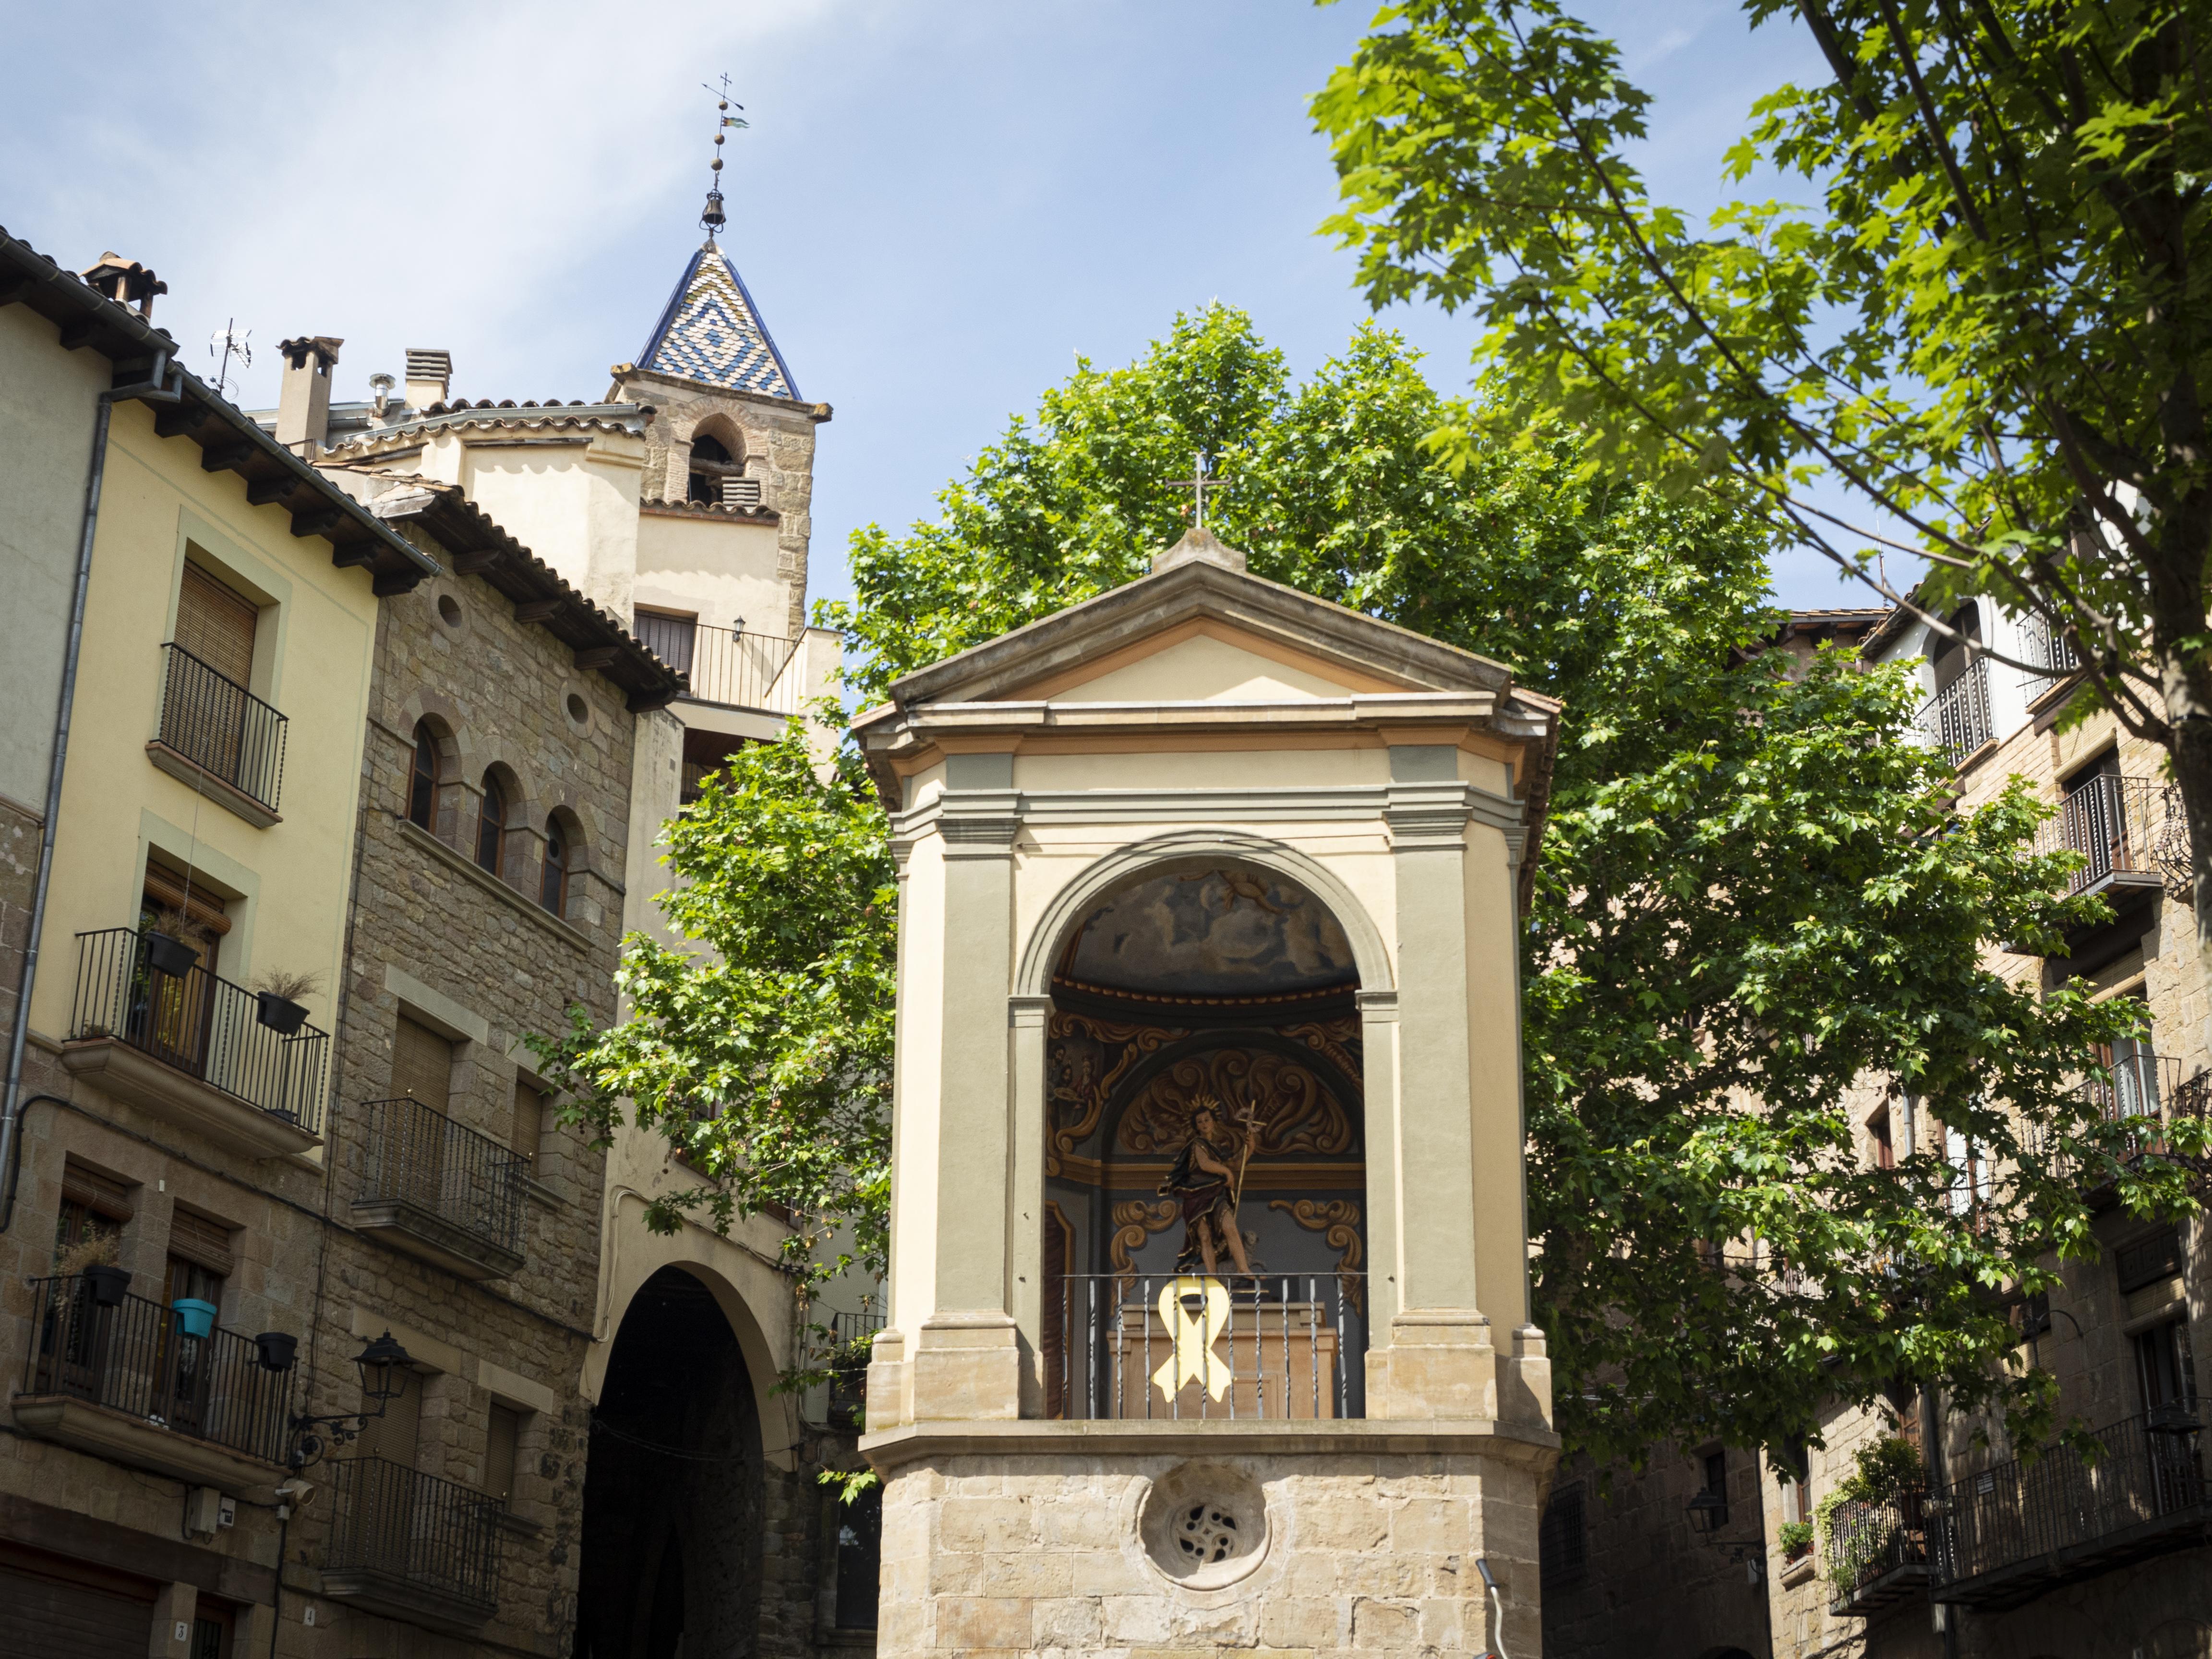 La Plaça de Sant Joan, un indret on asseure's una estona i contemplar la bellesa dels edificis del casc antic de Solsona. FOTO: Anna E. Puig